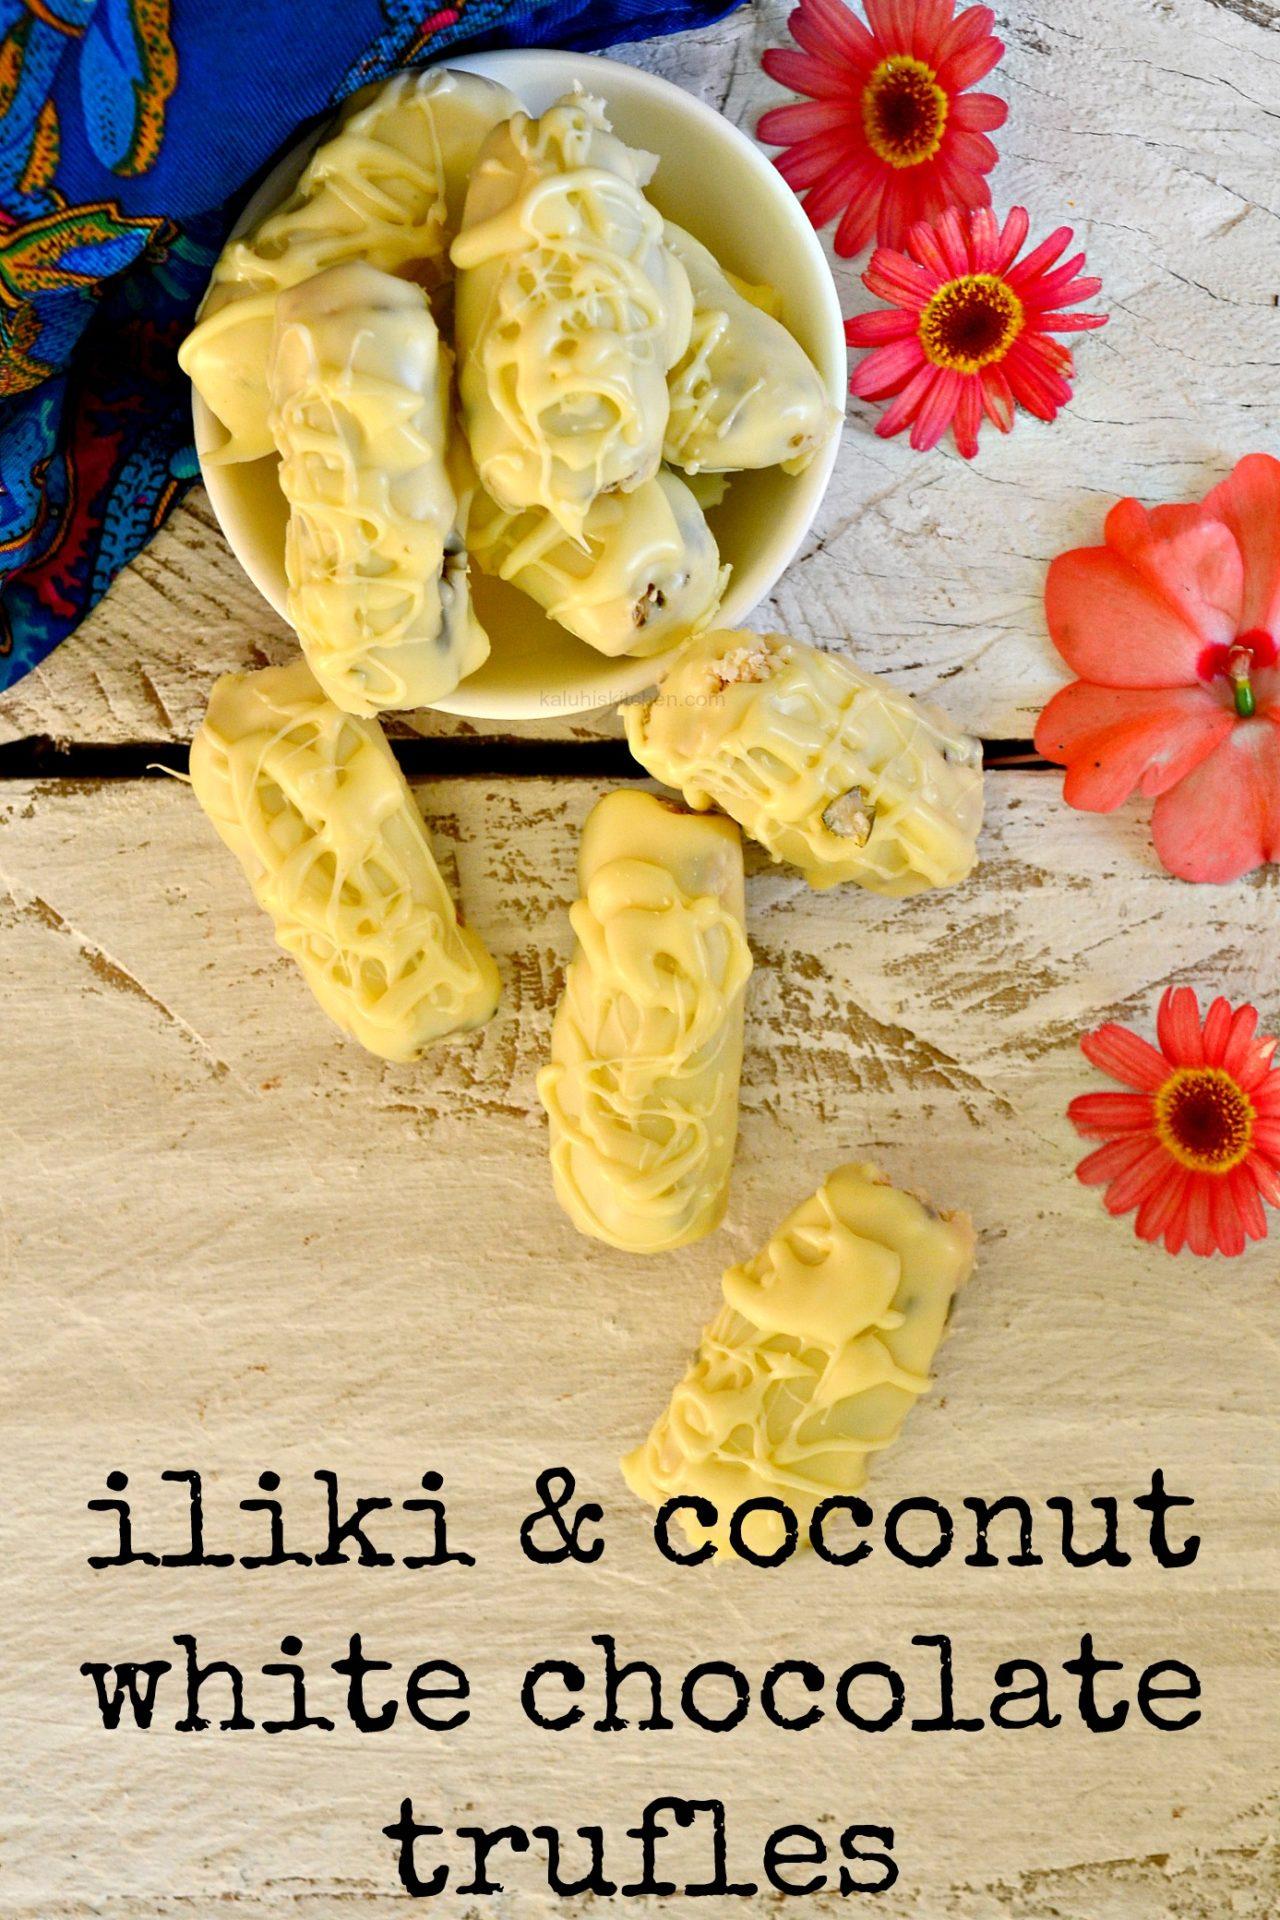 iliki and coconut white chocolate trufles_how to make truffles_white chocolate trufles_kenyan food_best kenyan food blog_best african food blog